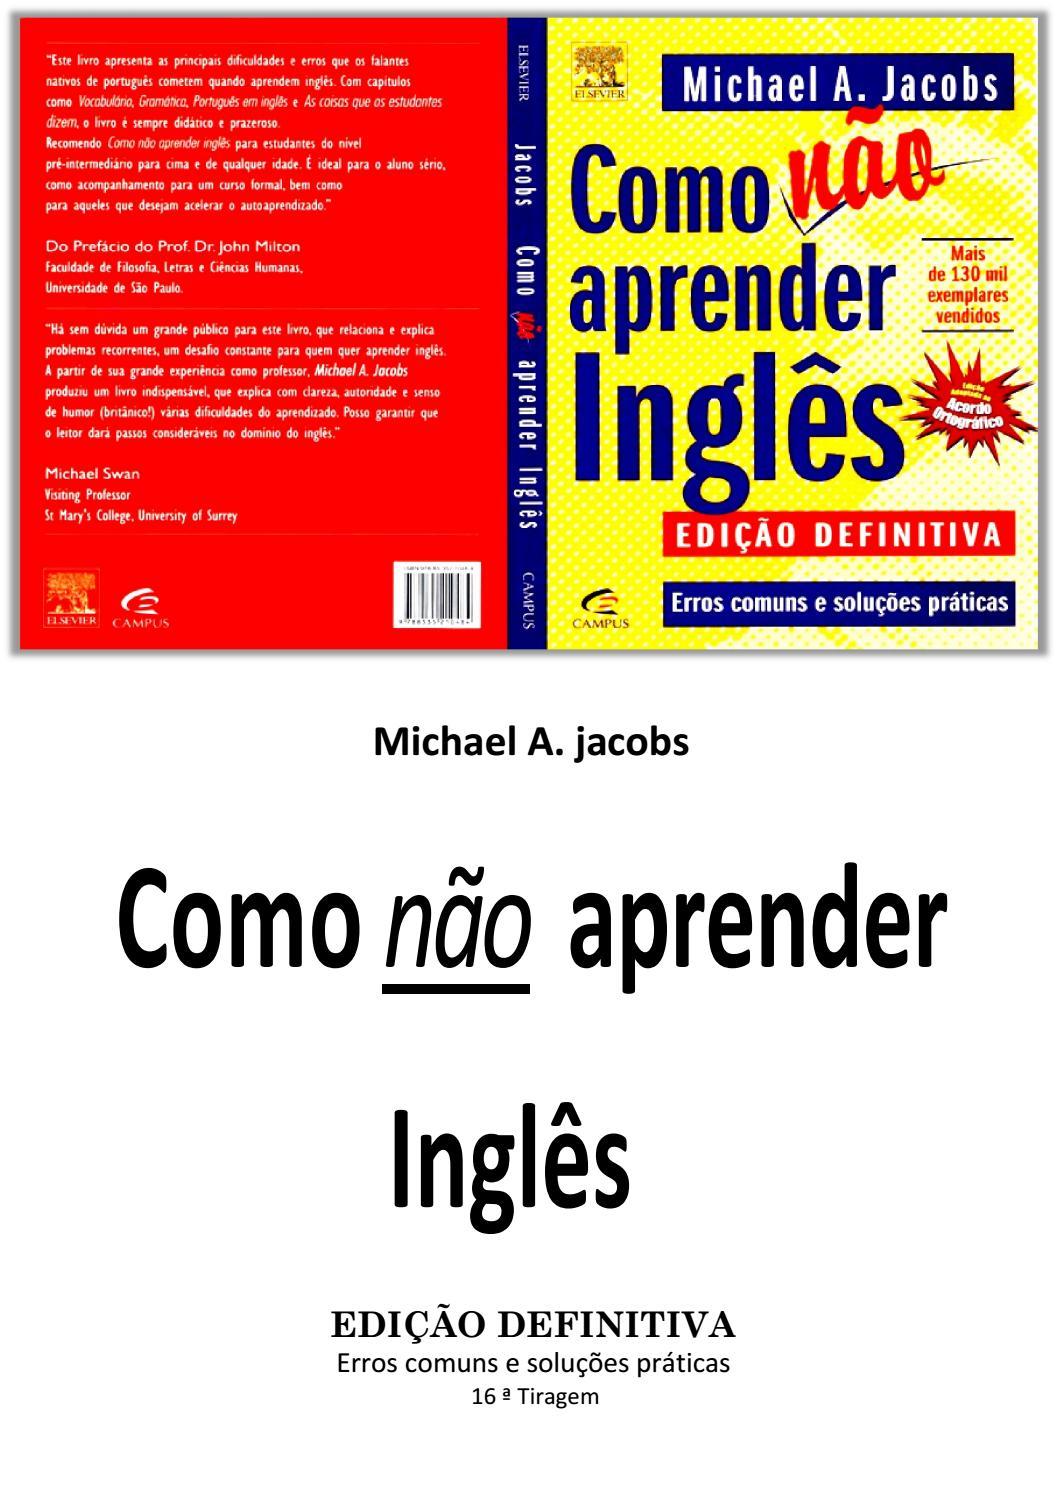 e492e4e62d857 Como não aprender inglês michael a jacobs by Anderson Godoy - issuu